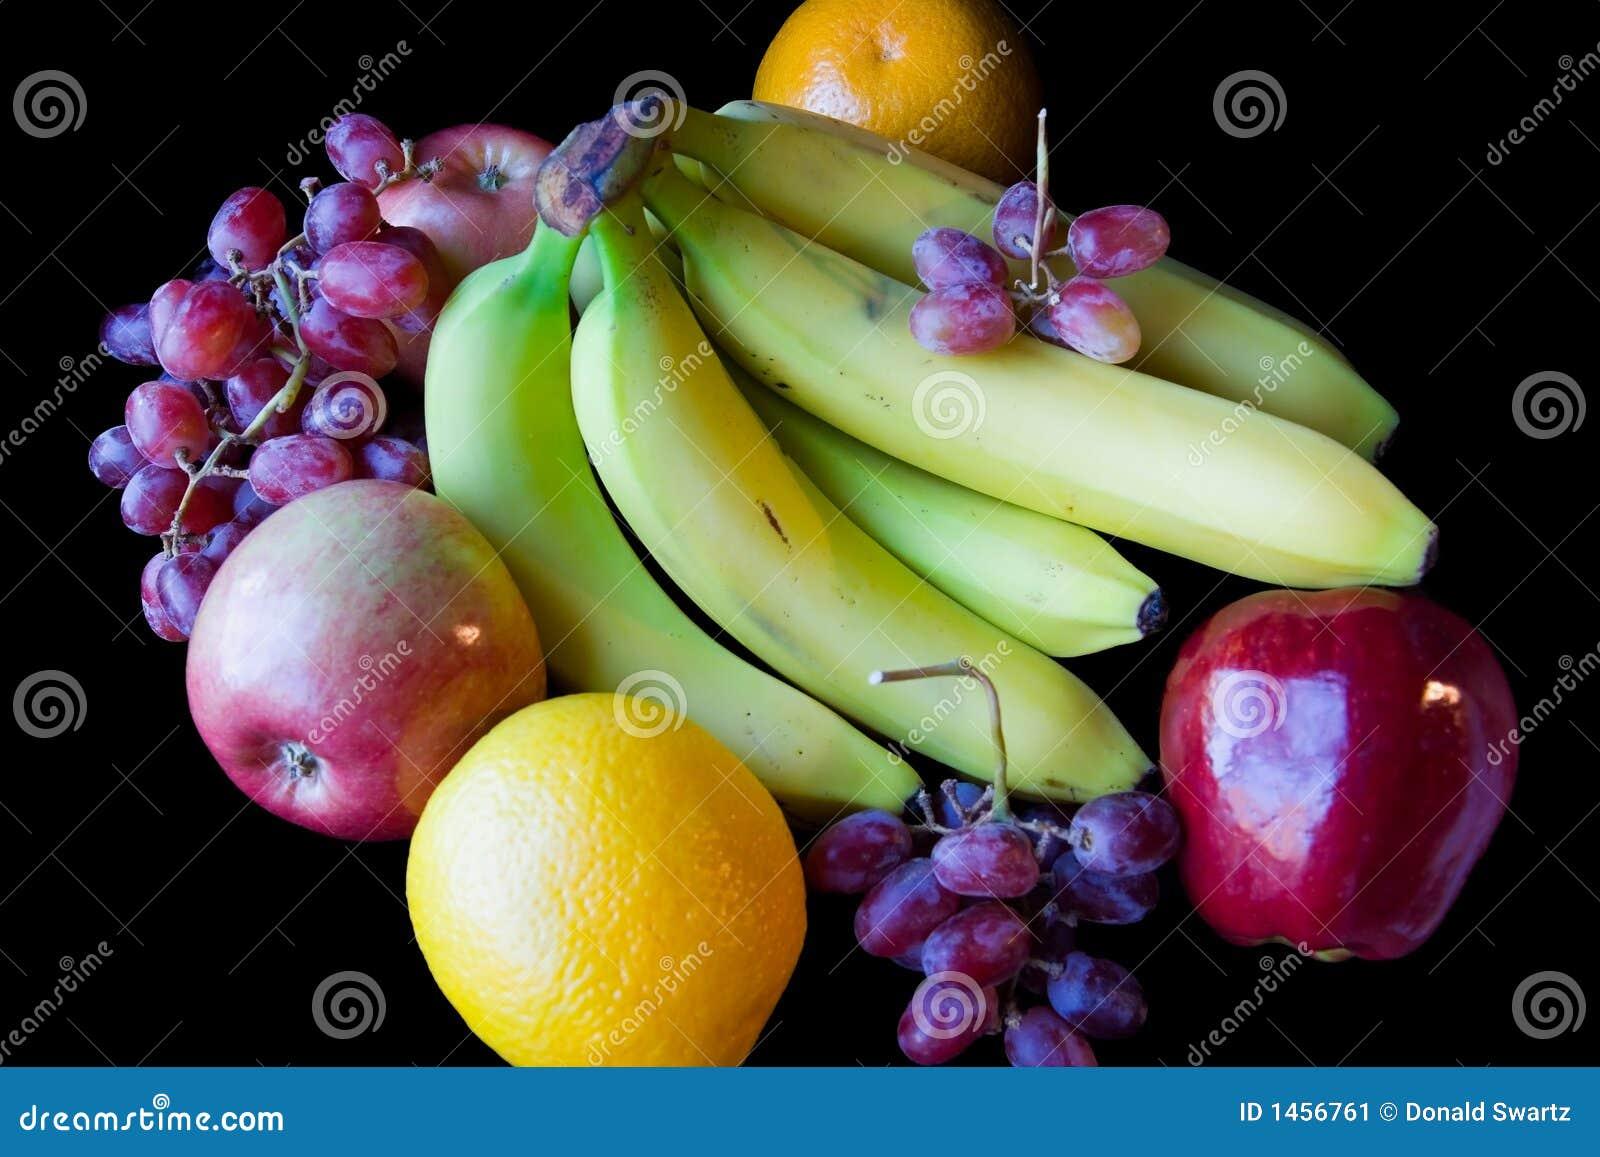 苹果香蕉葡萄智力_苹果背景 香蕉 黑色 葡萄 桔子